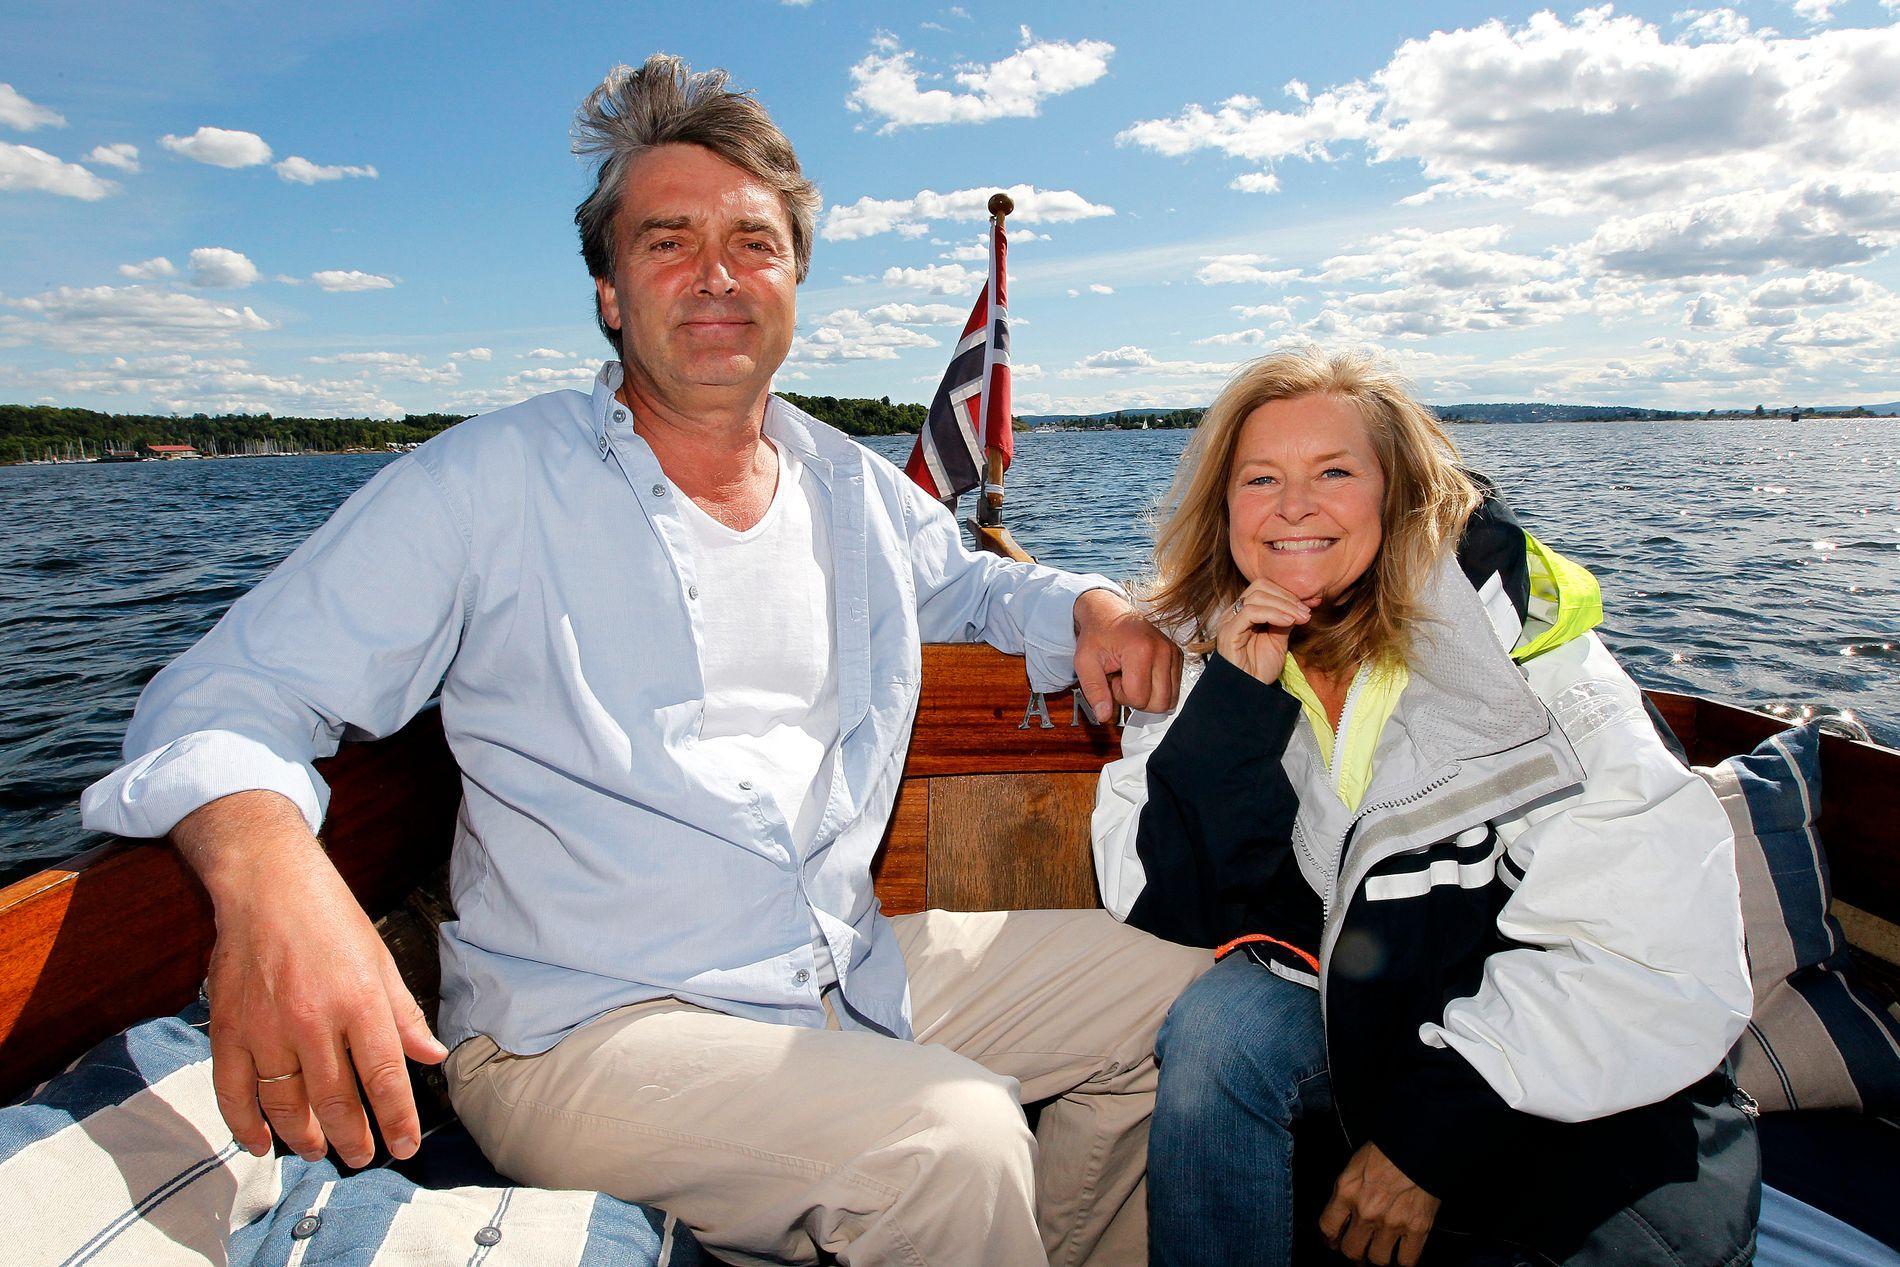 EKTEPAR: Tor og Elisabeth Andreassen, her i 2012. Foto: TROND SOLBERG